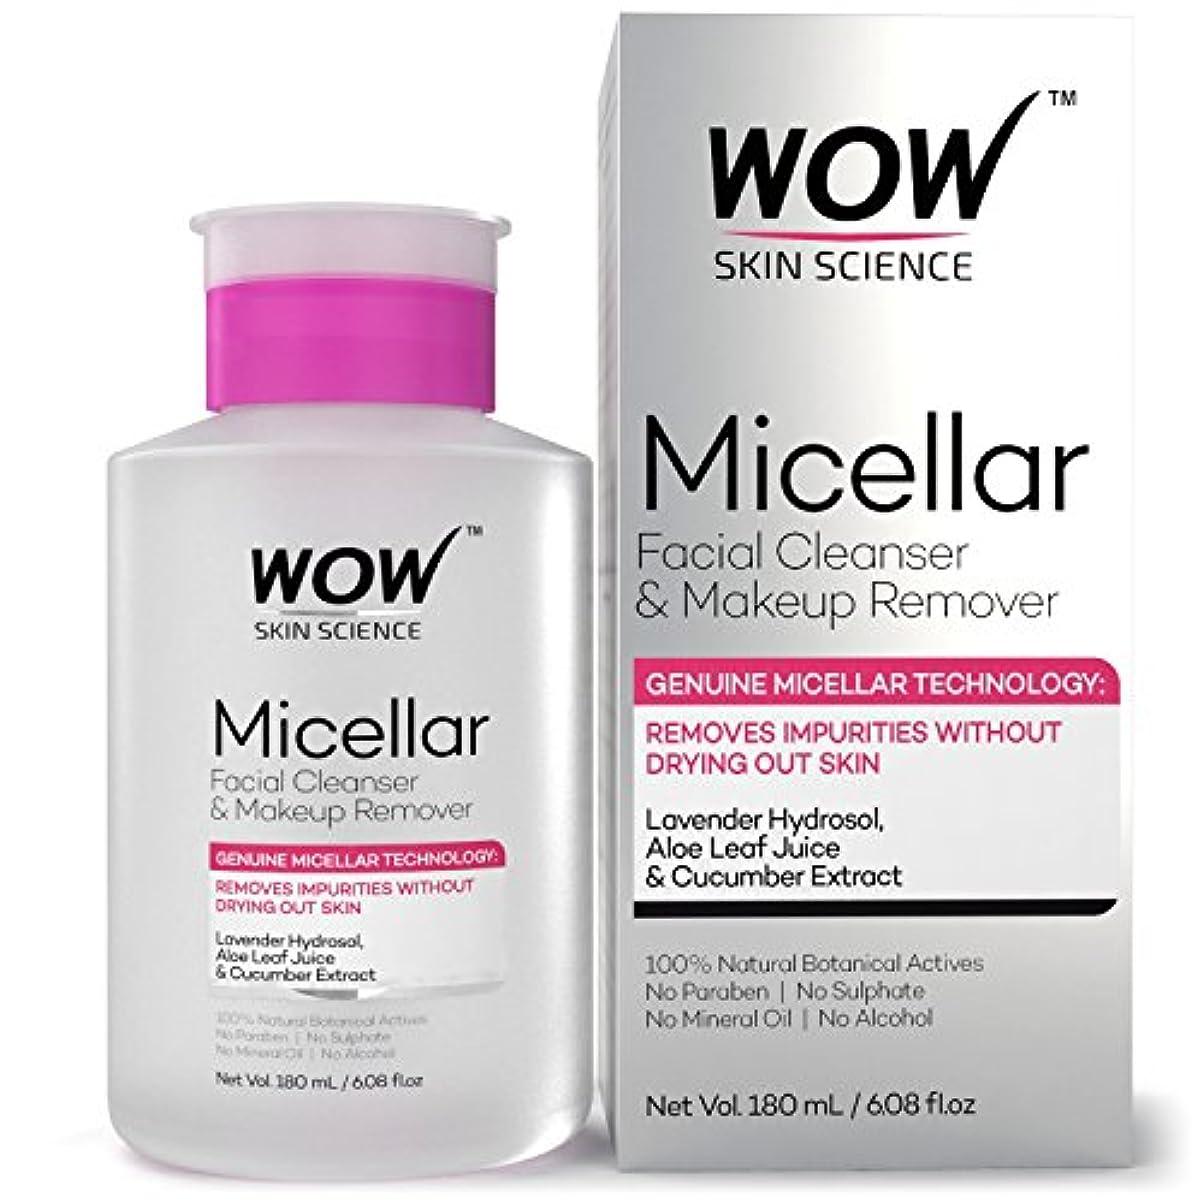 オピエートエイリアンリズムWOW Micellar Facial Cleanser & Make Up Remover No Parabens, Sulphates, Mineral Oil, Alcohol & Synthetic Fragrance...